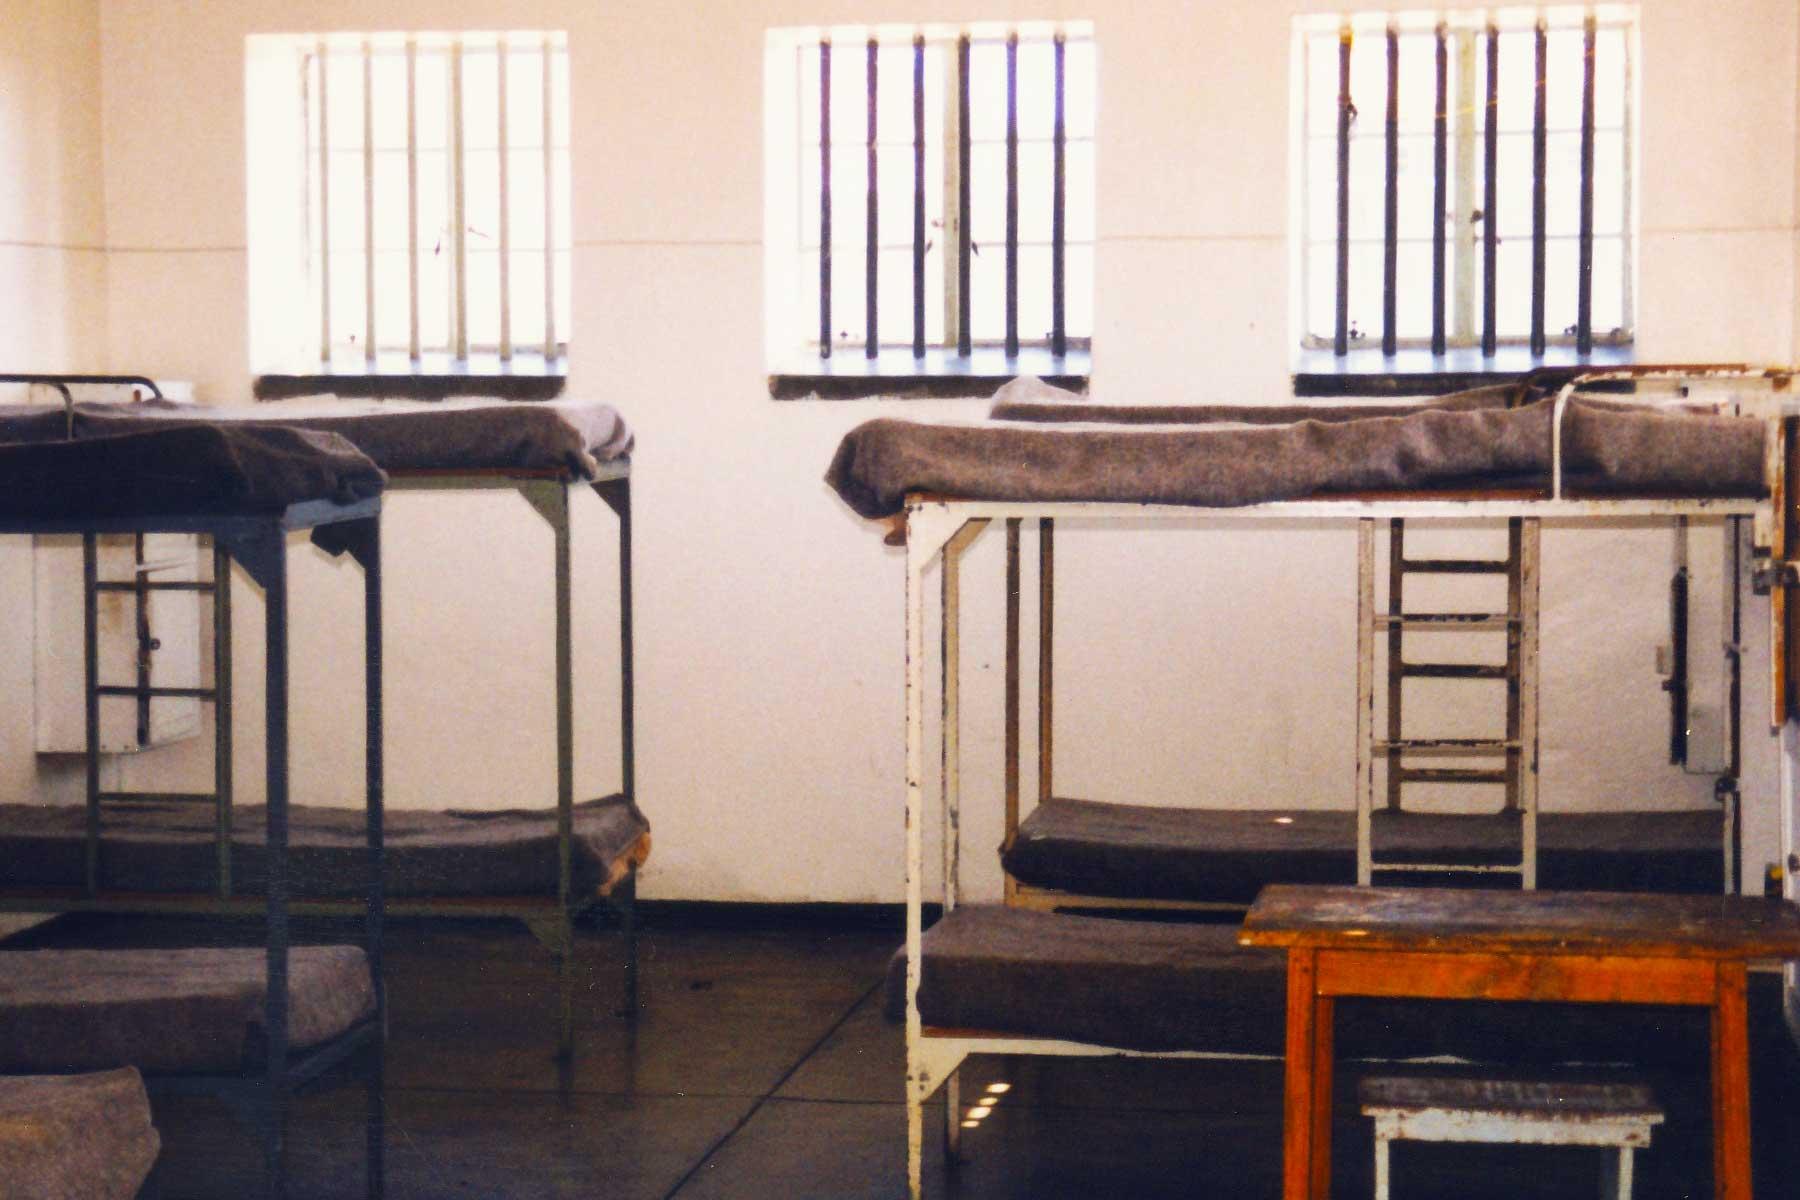 Nelson Mandela - Prison Cell - Robin Island - Steven Andrew Martin - South Africa Photo Journal